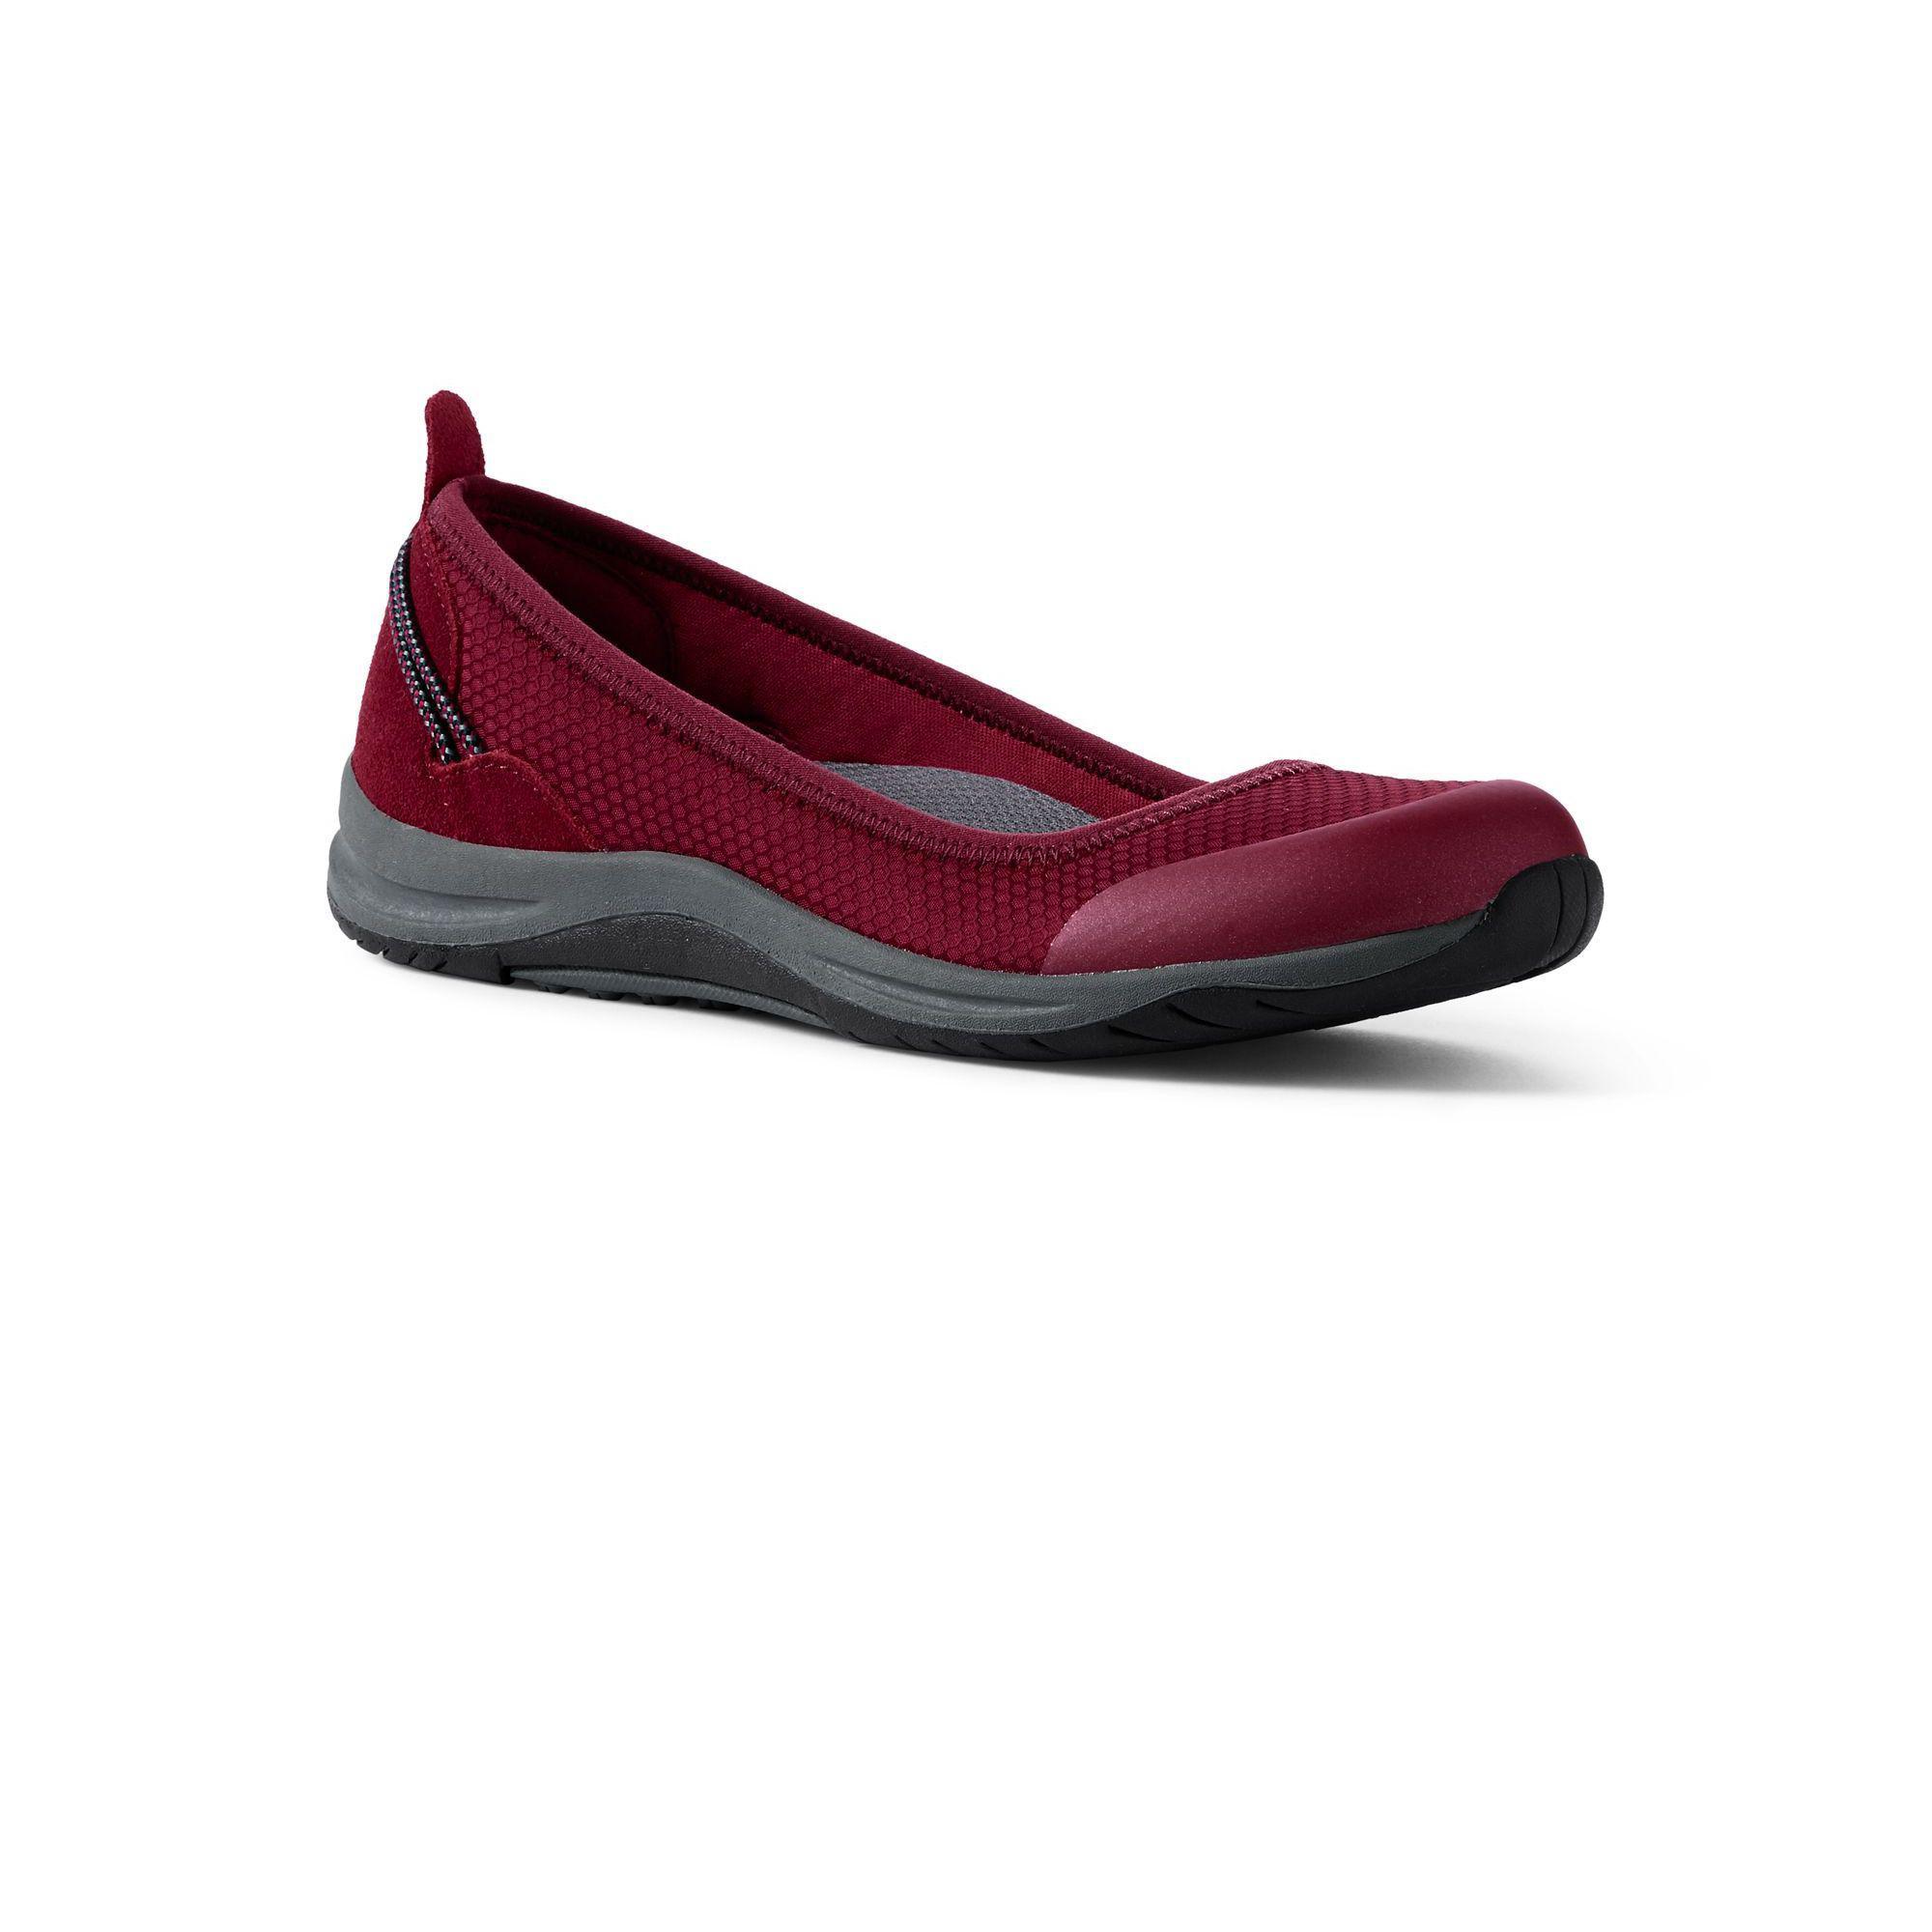 d4fb7d09d24c Lands' End Red Wide Comfort Ballet Pumps in Red - Lyst